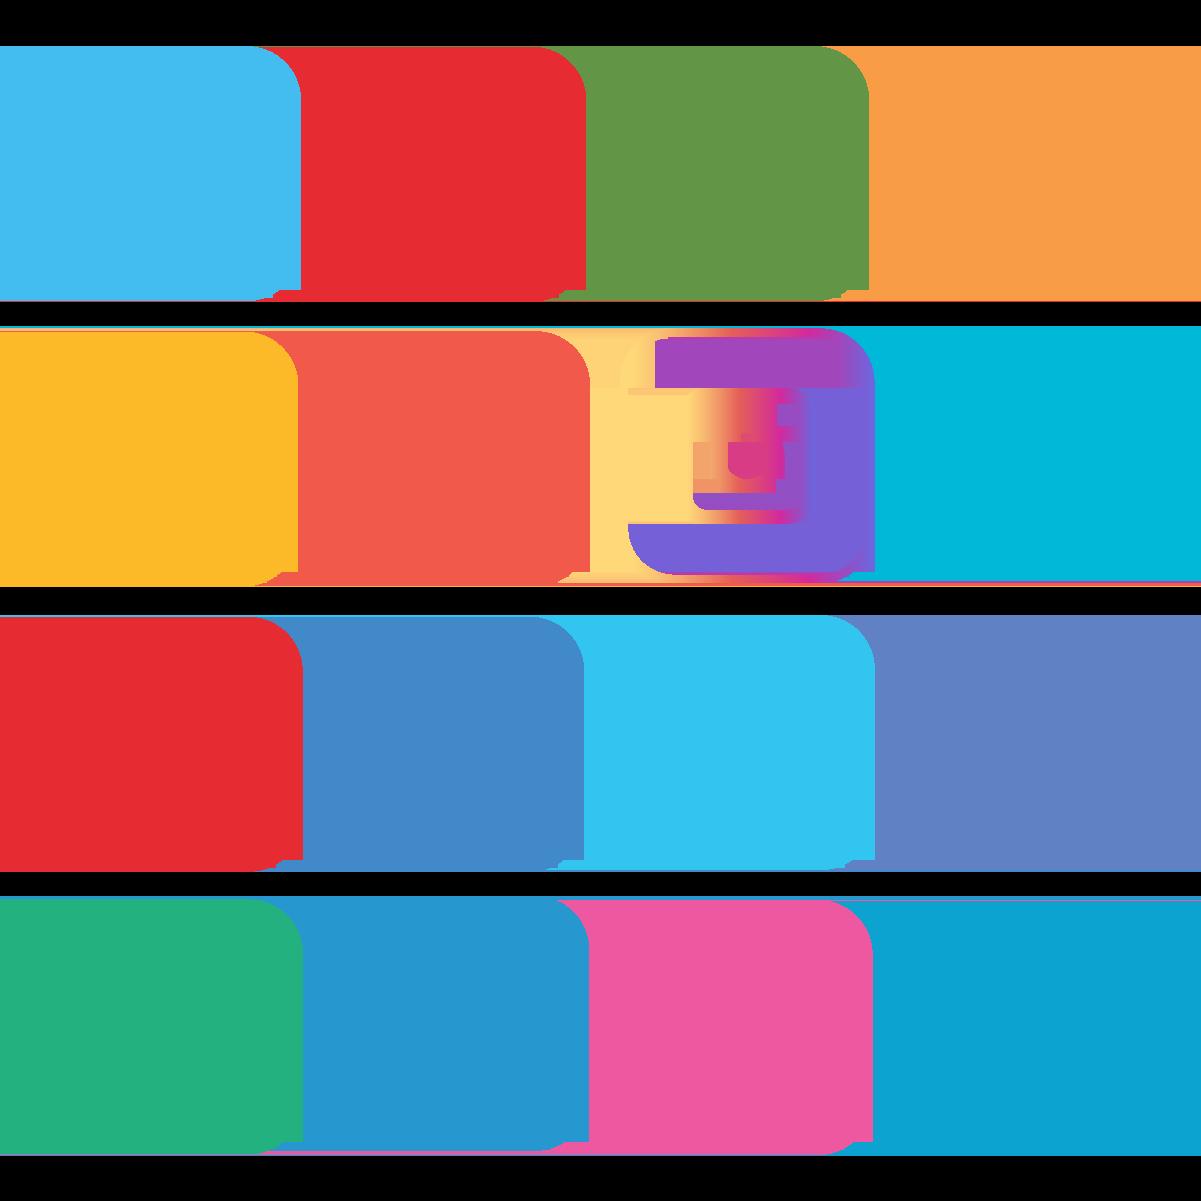 SEO-网站建设-海外营销社交媒体-米国生活